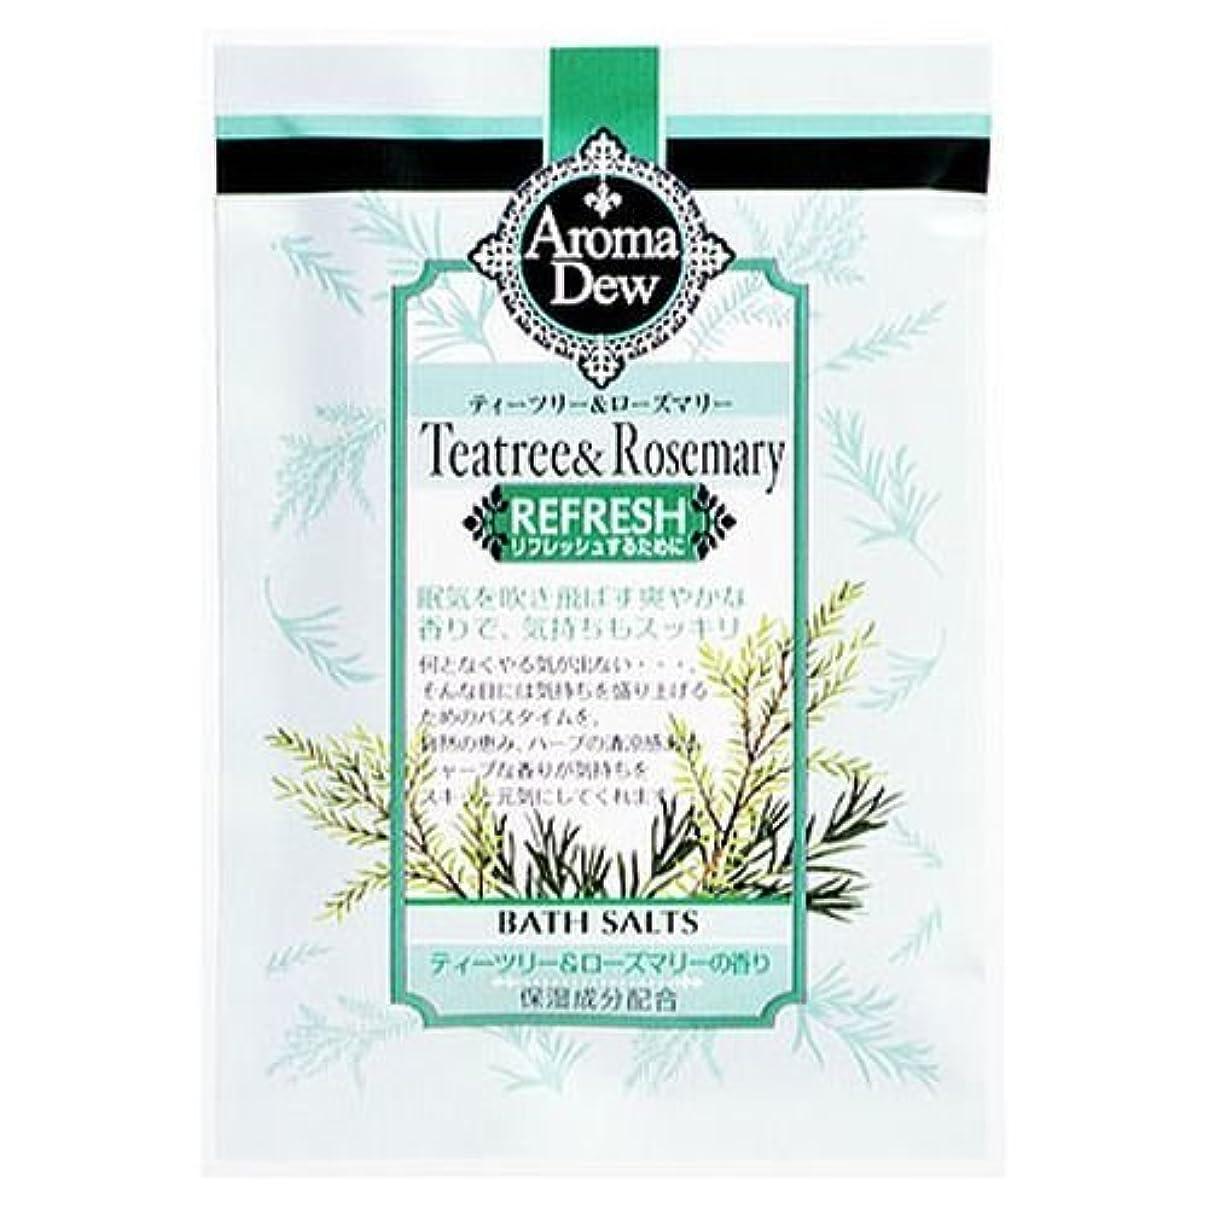 草職業落ち着かないアロマデュウ バスソルト ティーツリー&ローズマリーの香り ティーツリー&ローズ